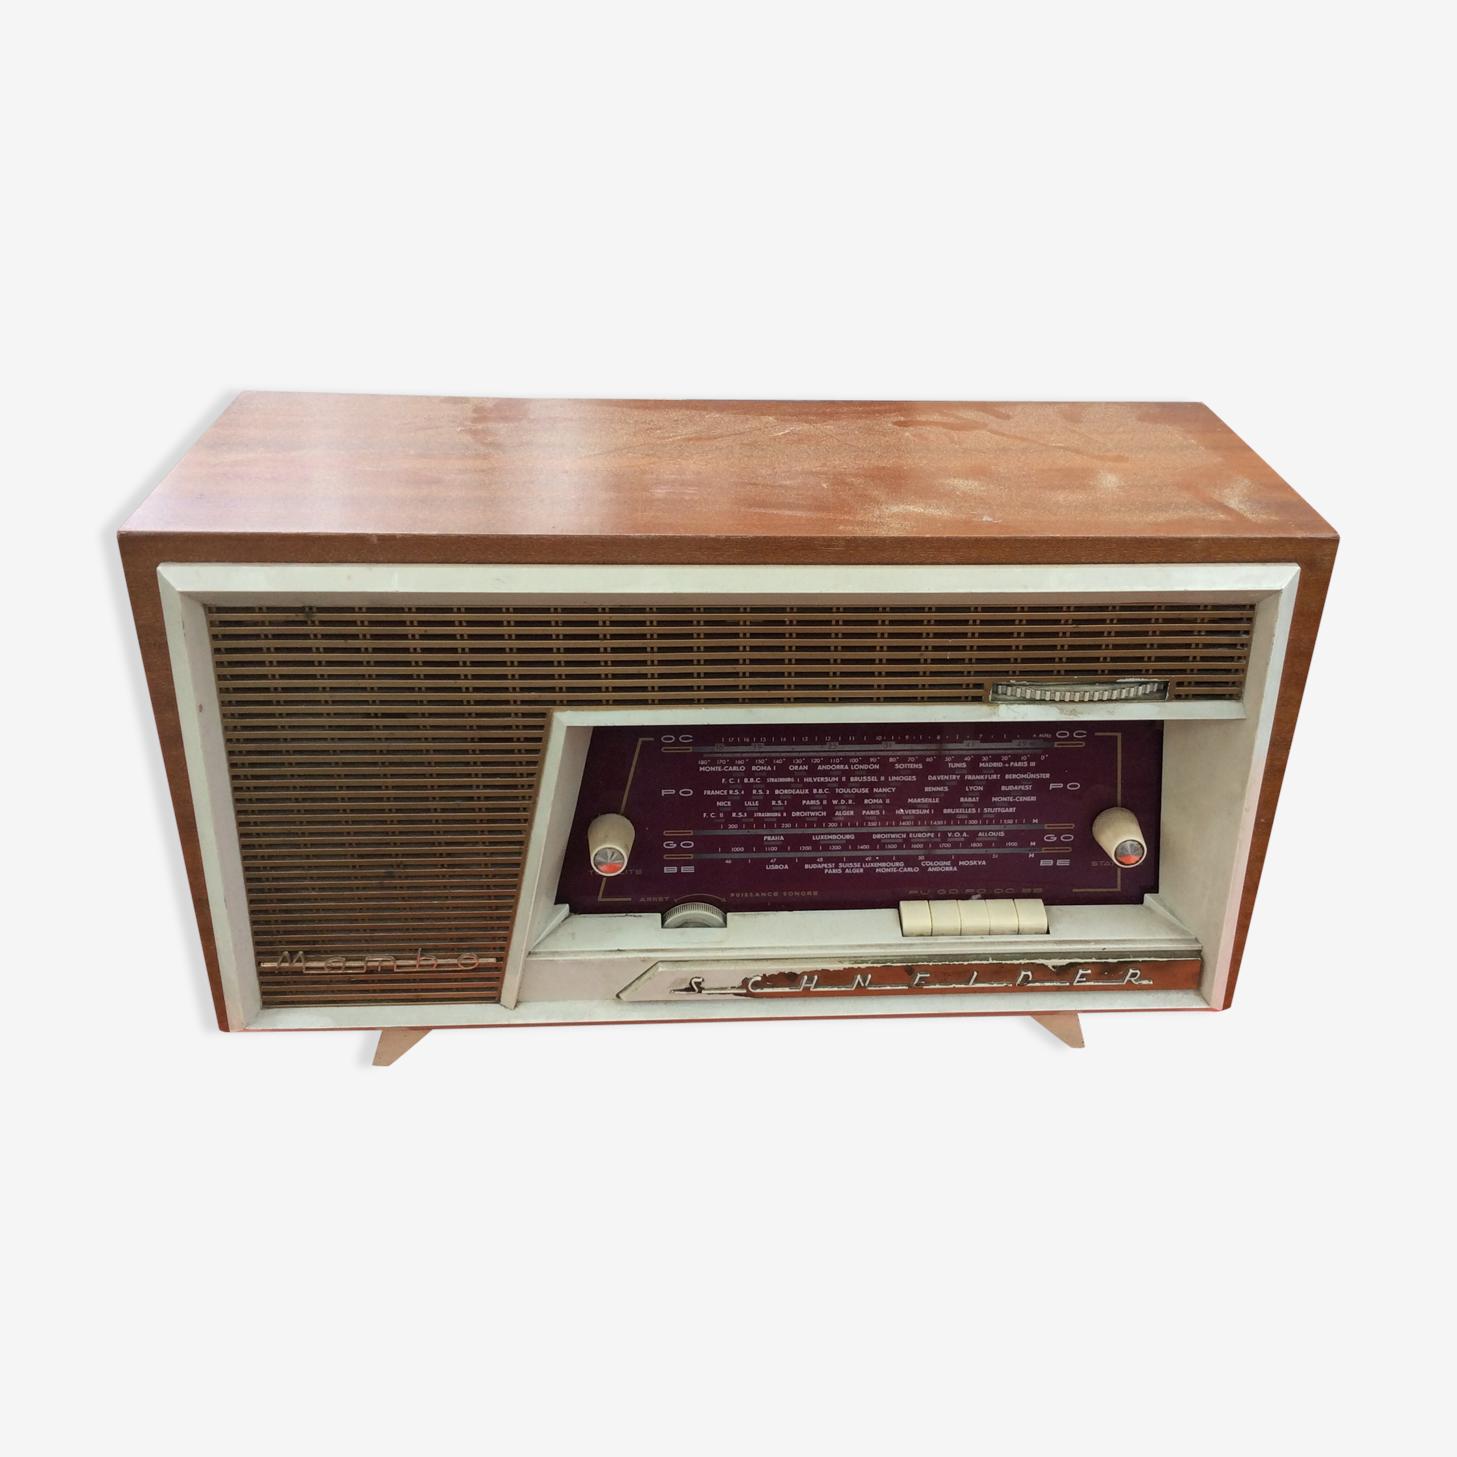 Radio Schneider  Mambo  vintage 1958